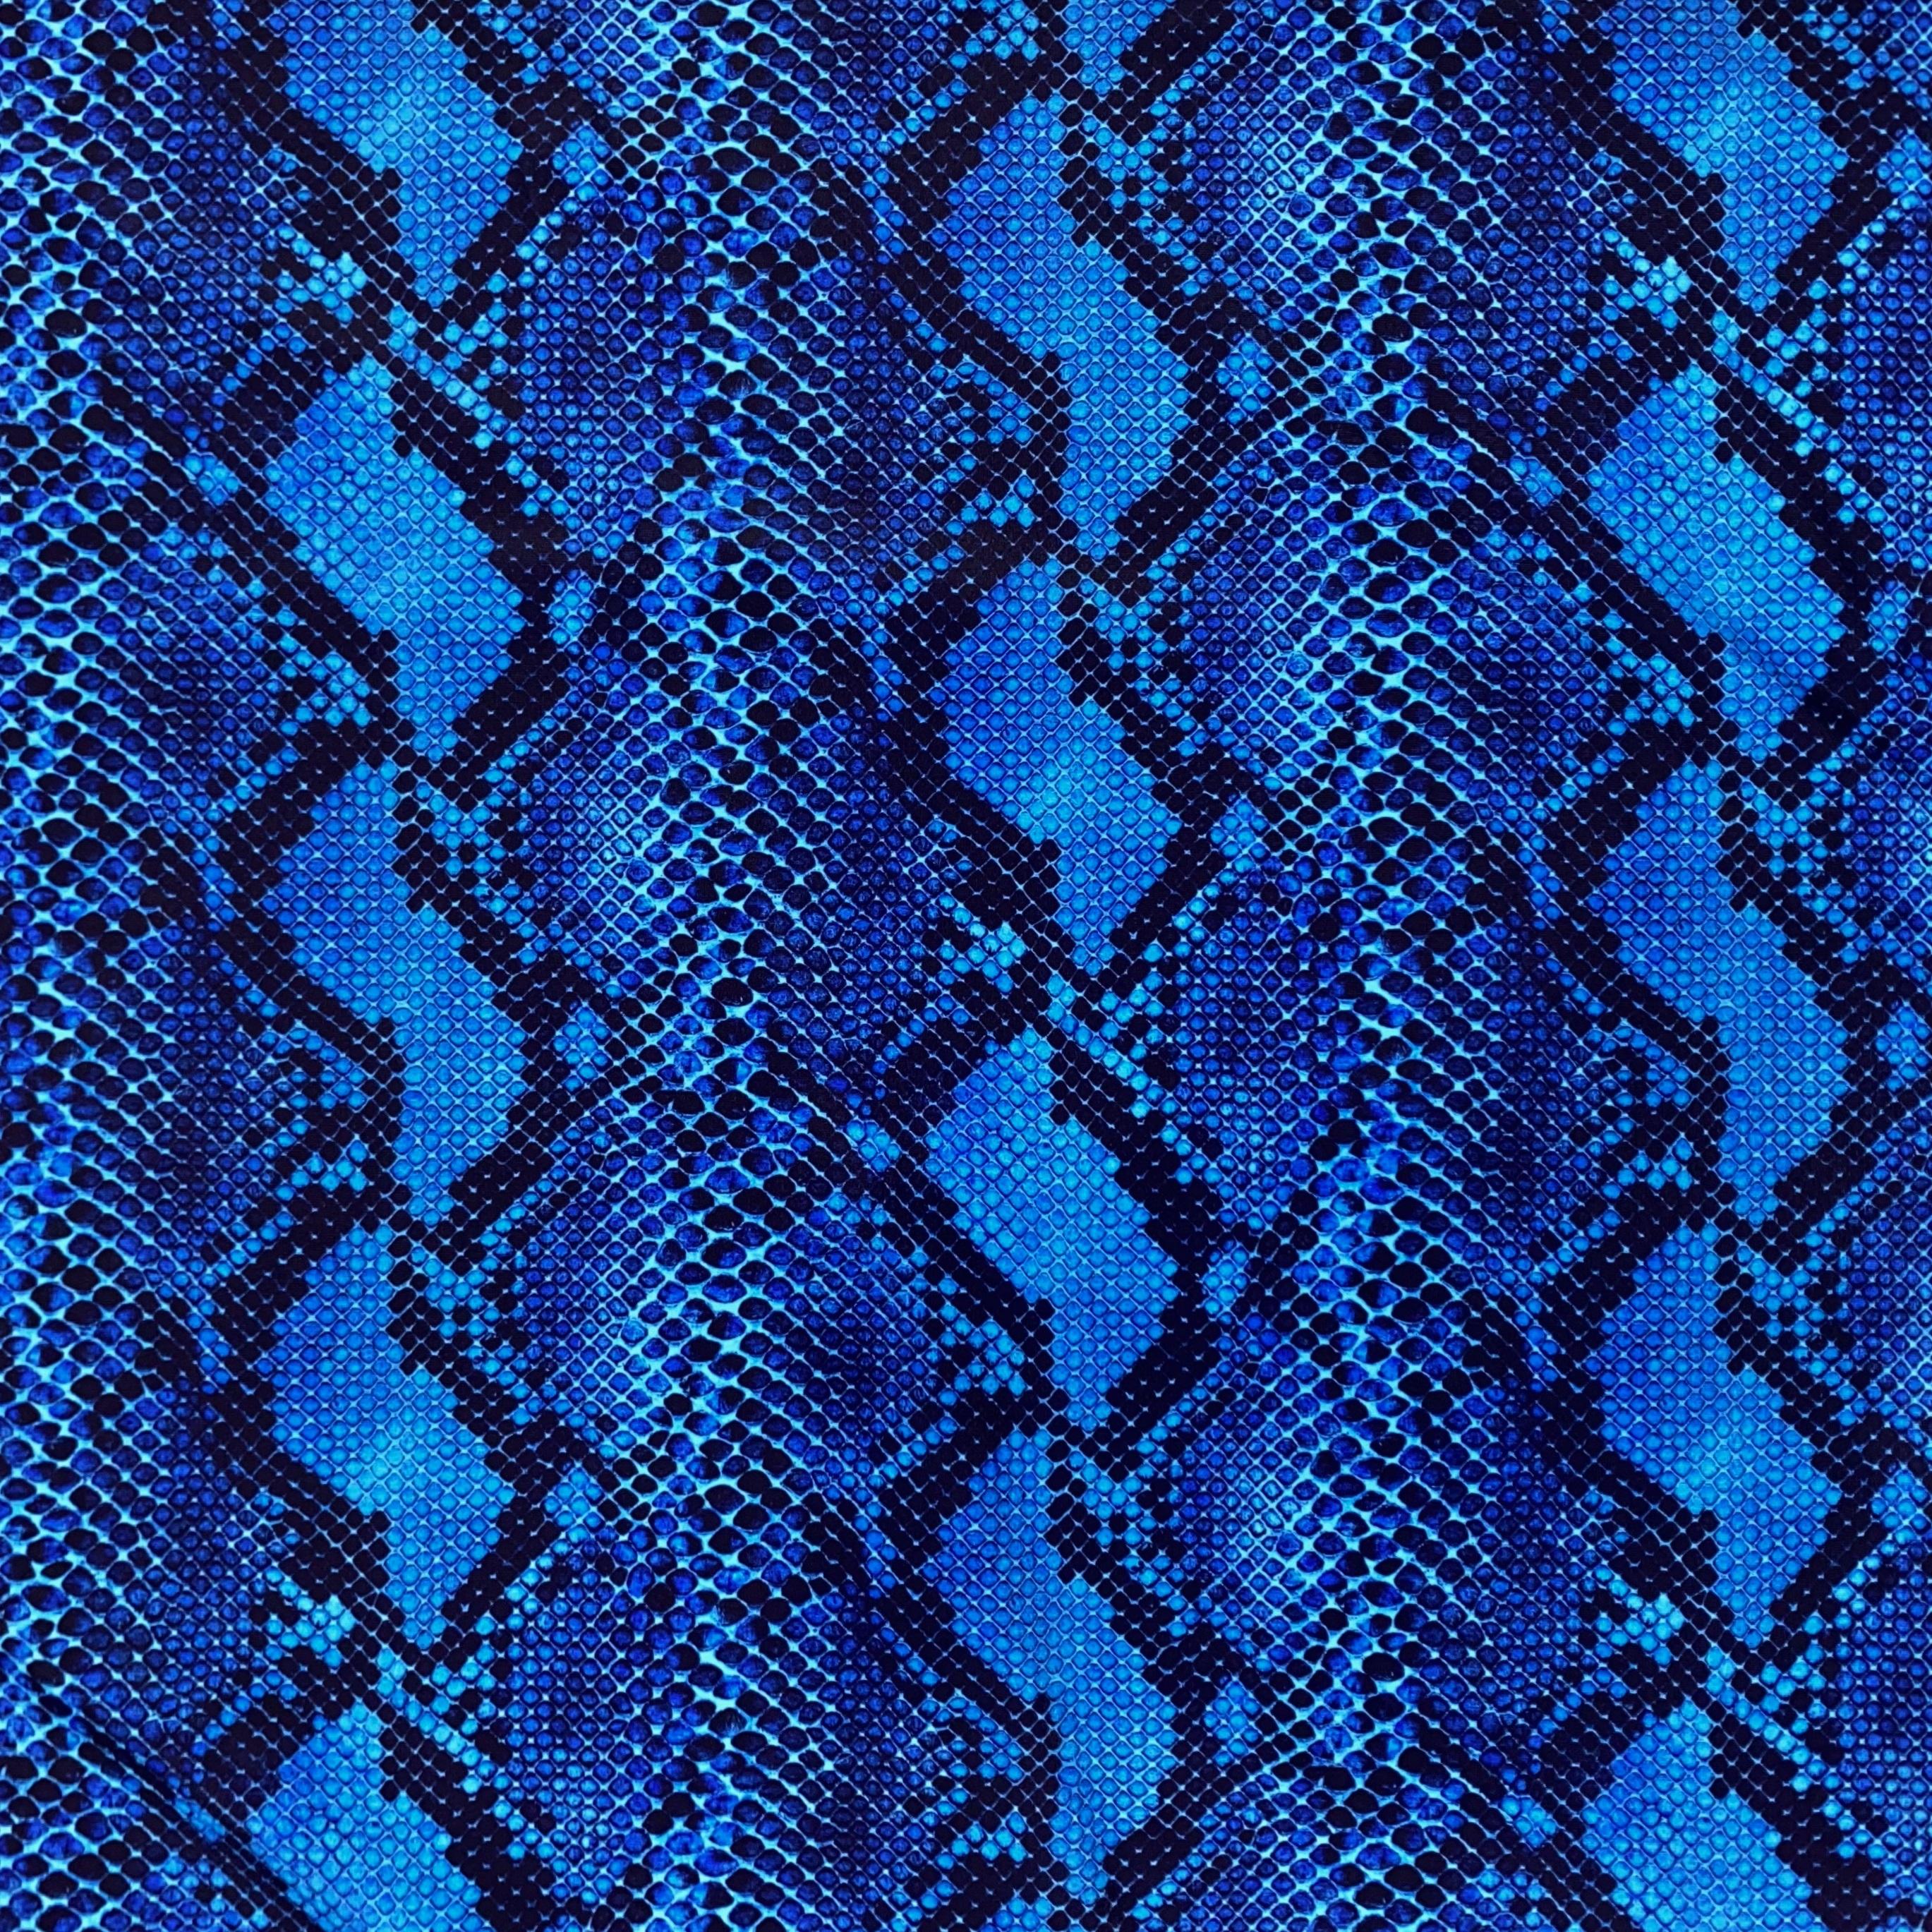 blue-snakeskin-cropped-roto.jpeg